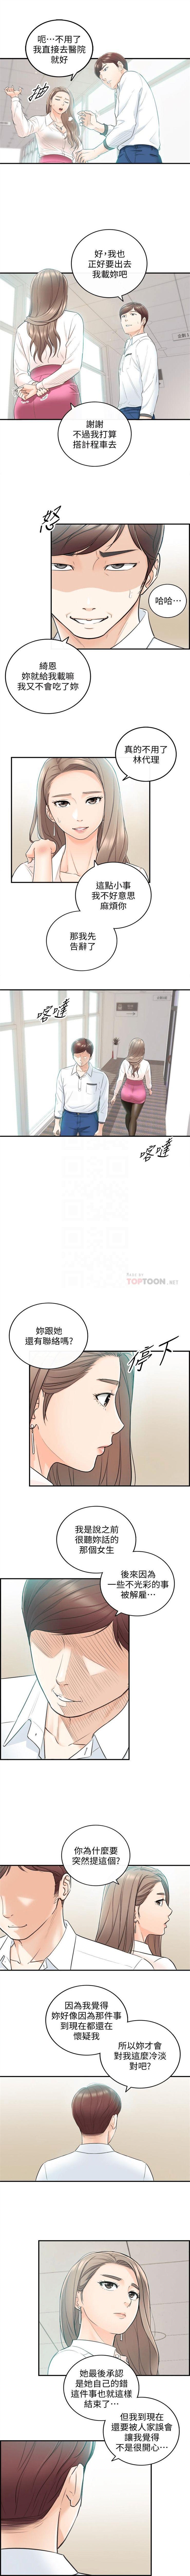 (週5)正妹小主管 1-39 中文翻譯(更新中) 104